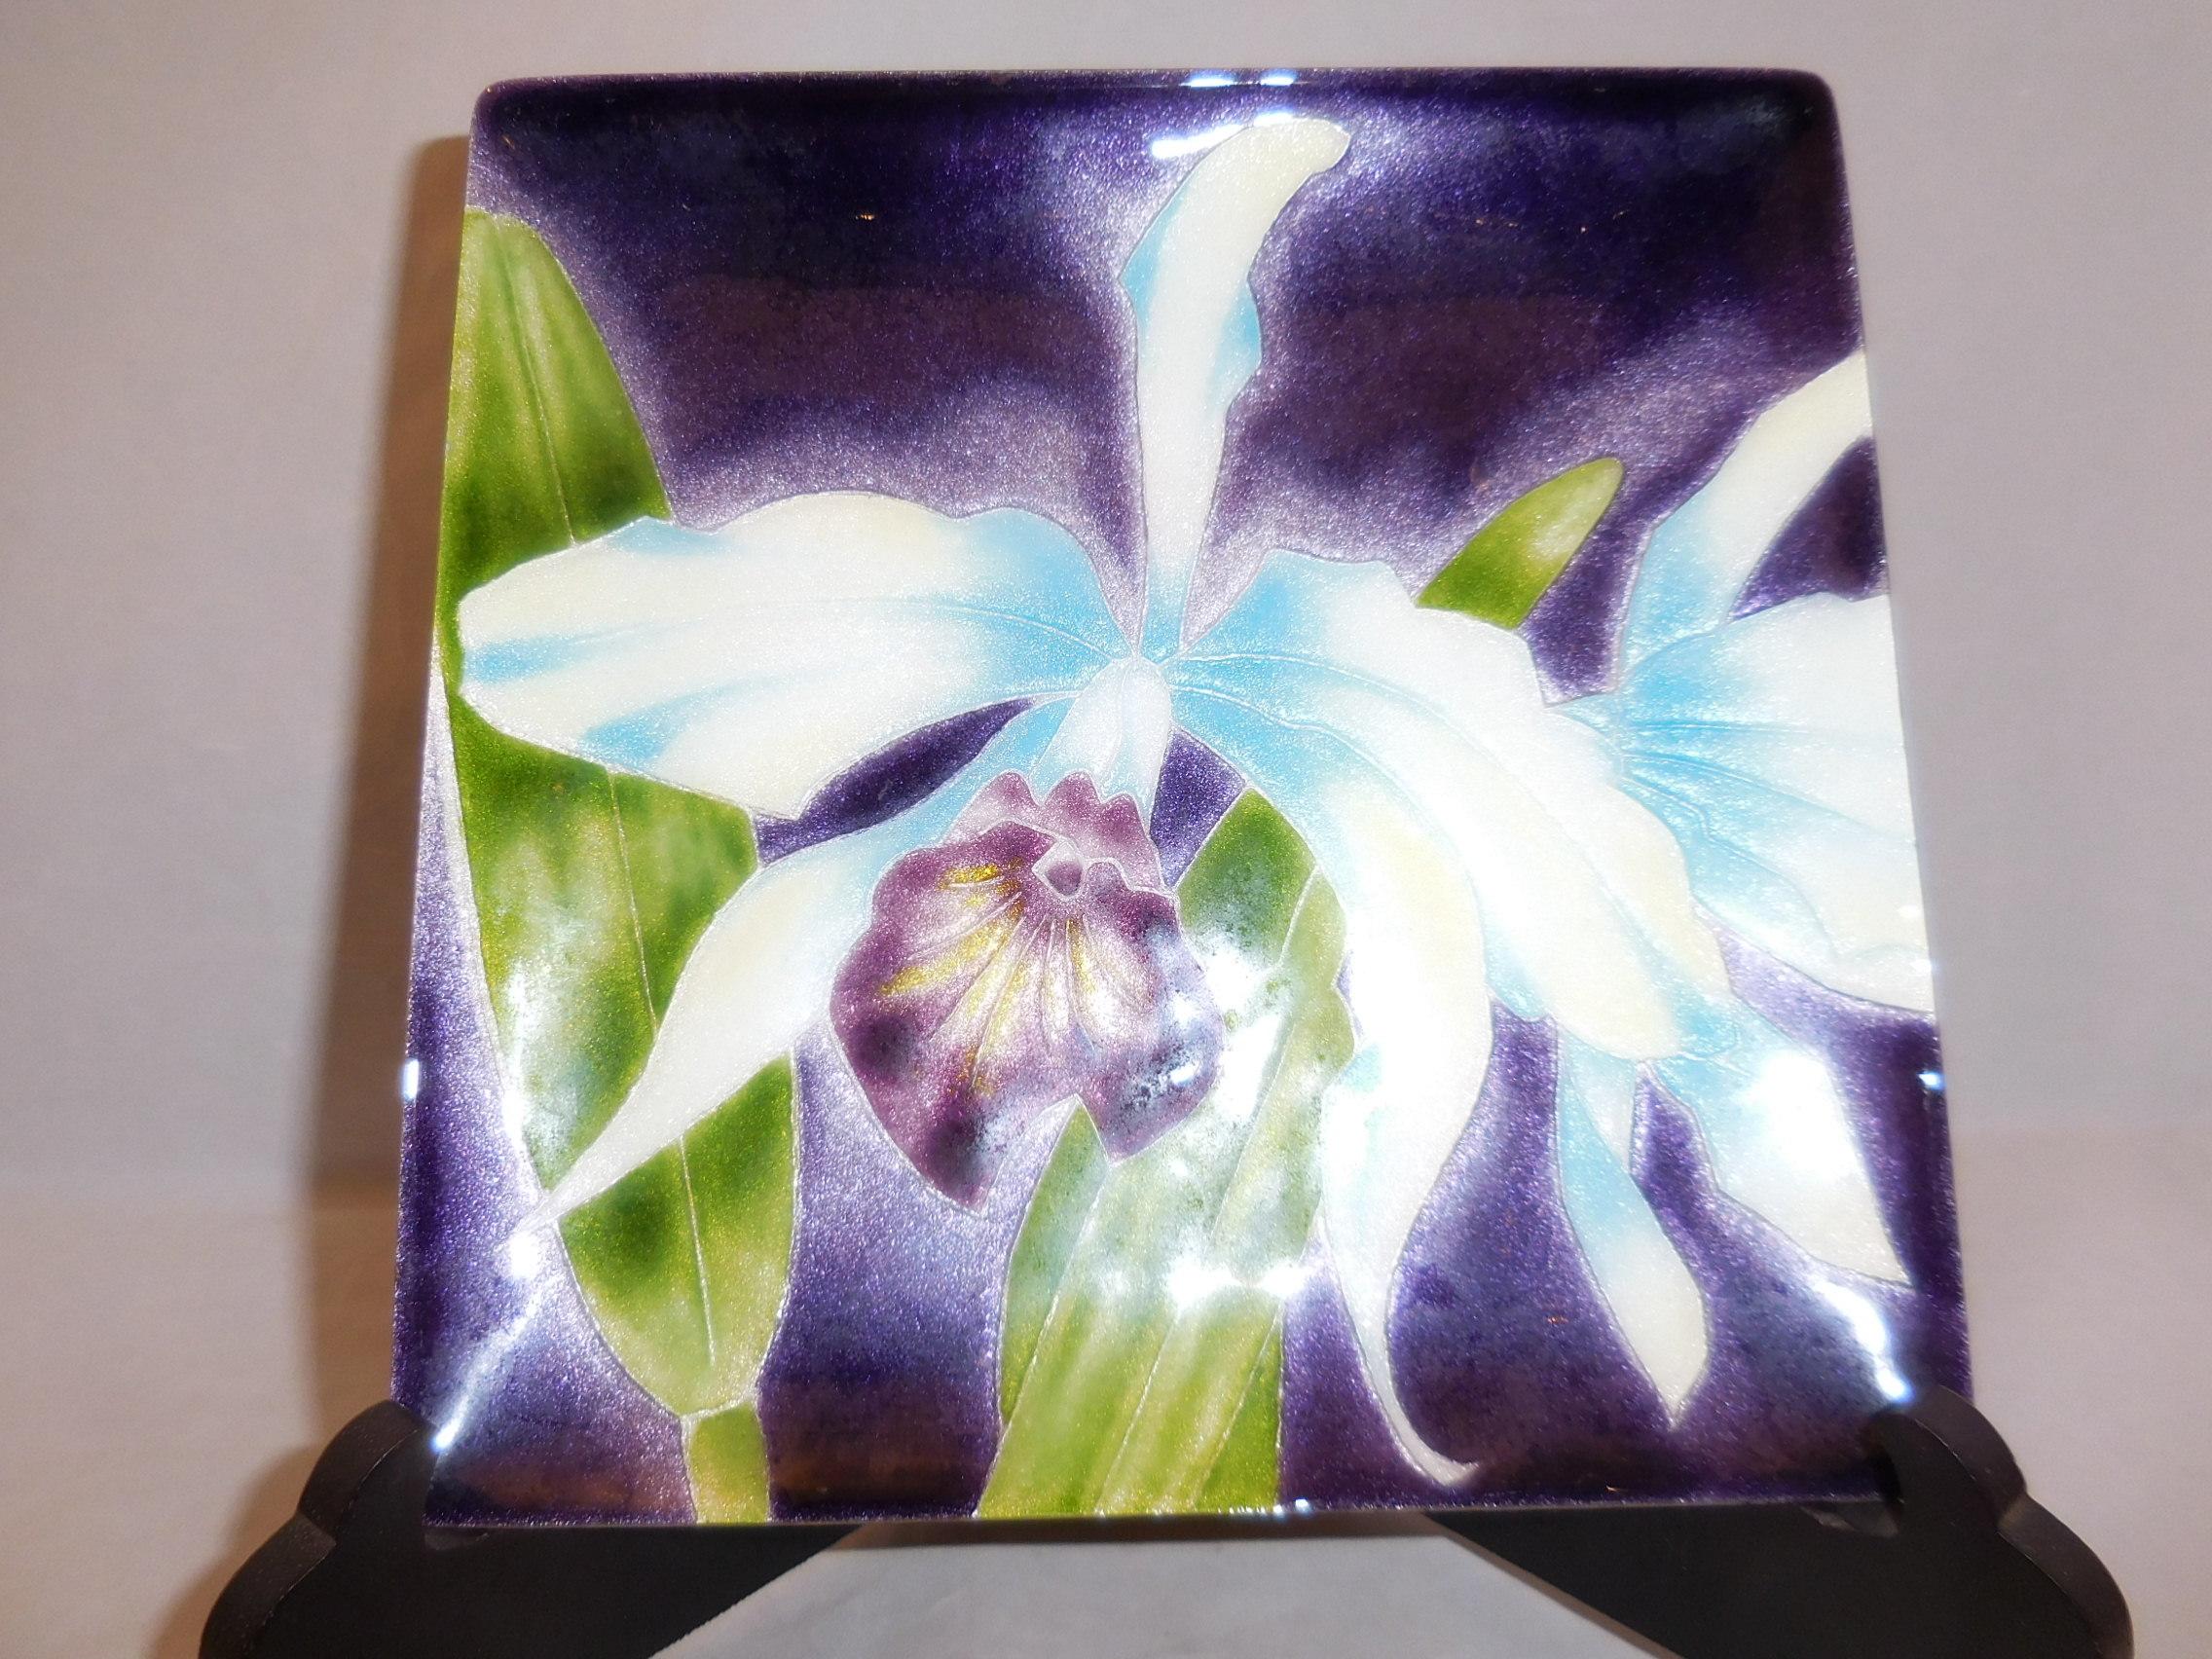 七宝カトレア飾り皿 cloisonne enamel plate(cattleya)